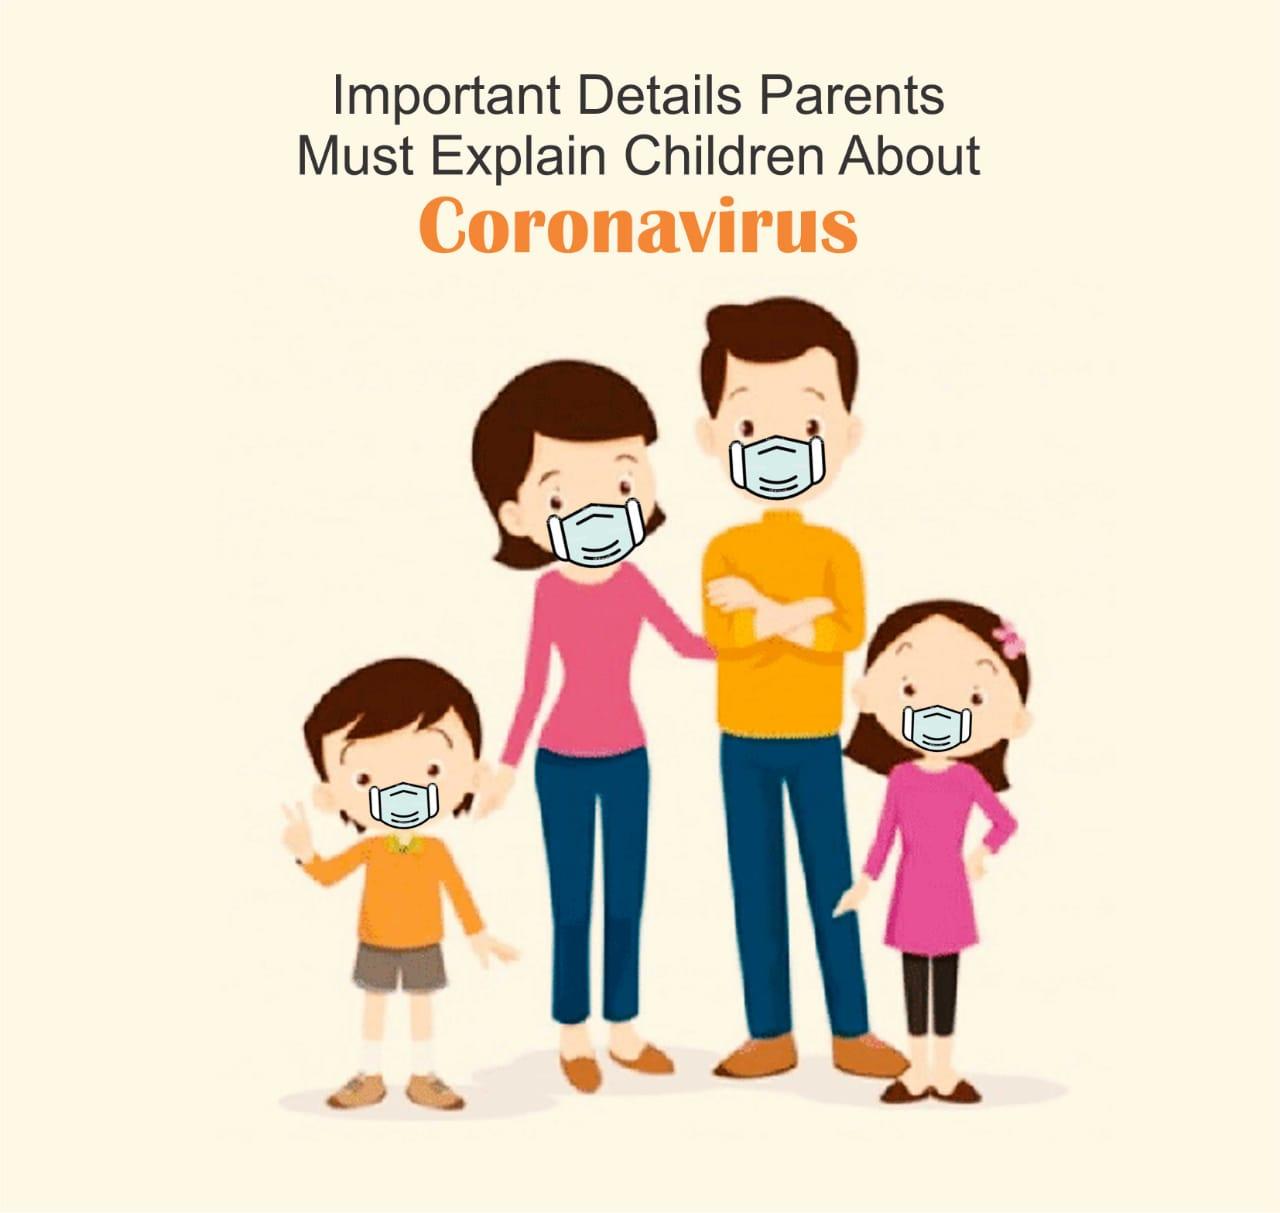 COVID-19: Important Details Parents Must Explain Children About Coronavirus